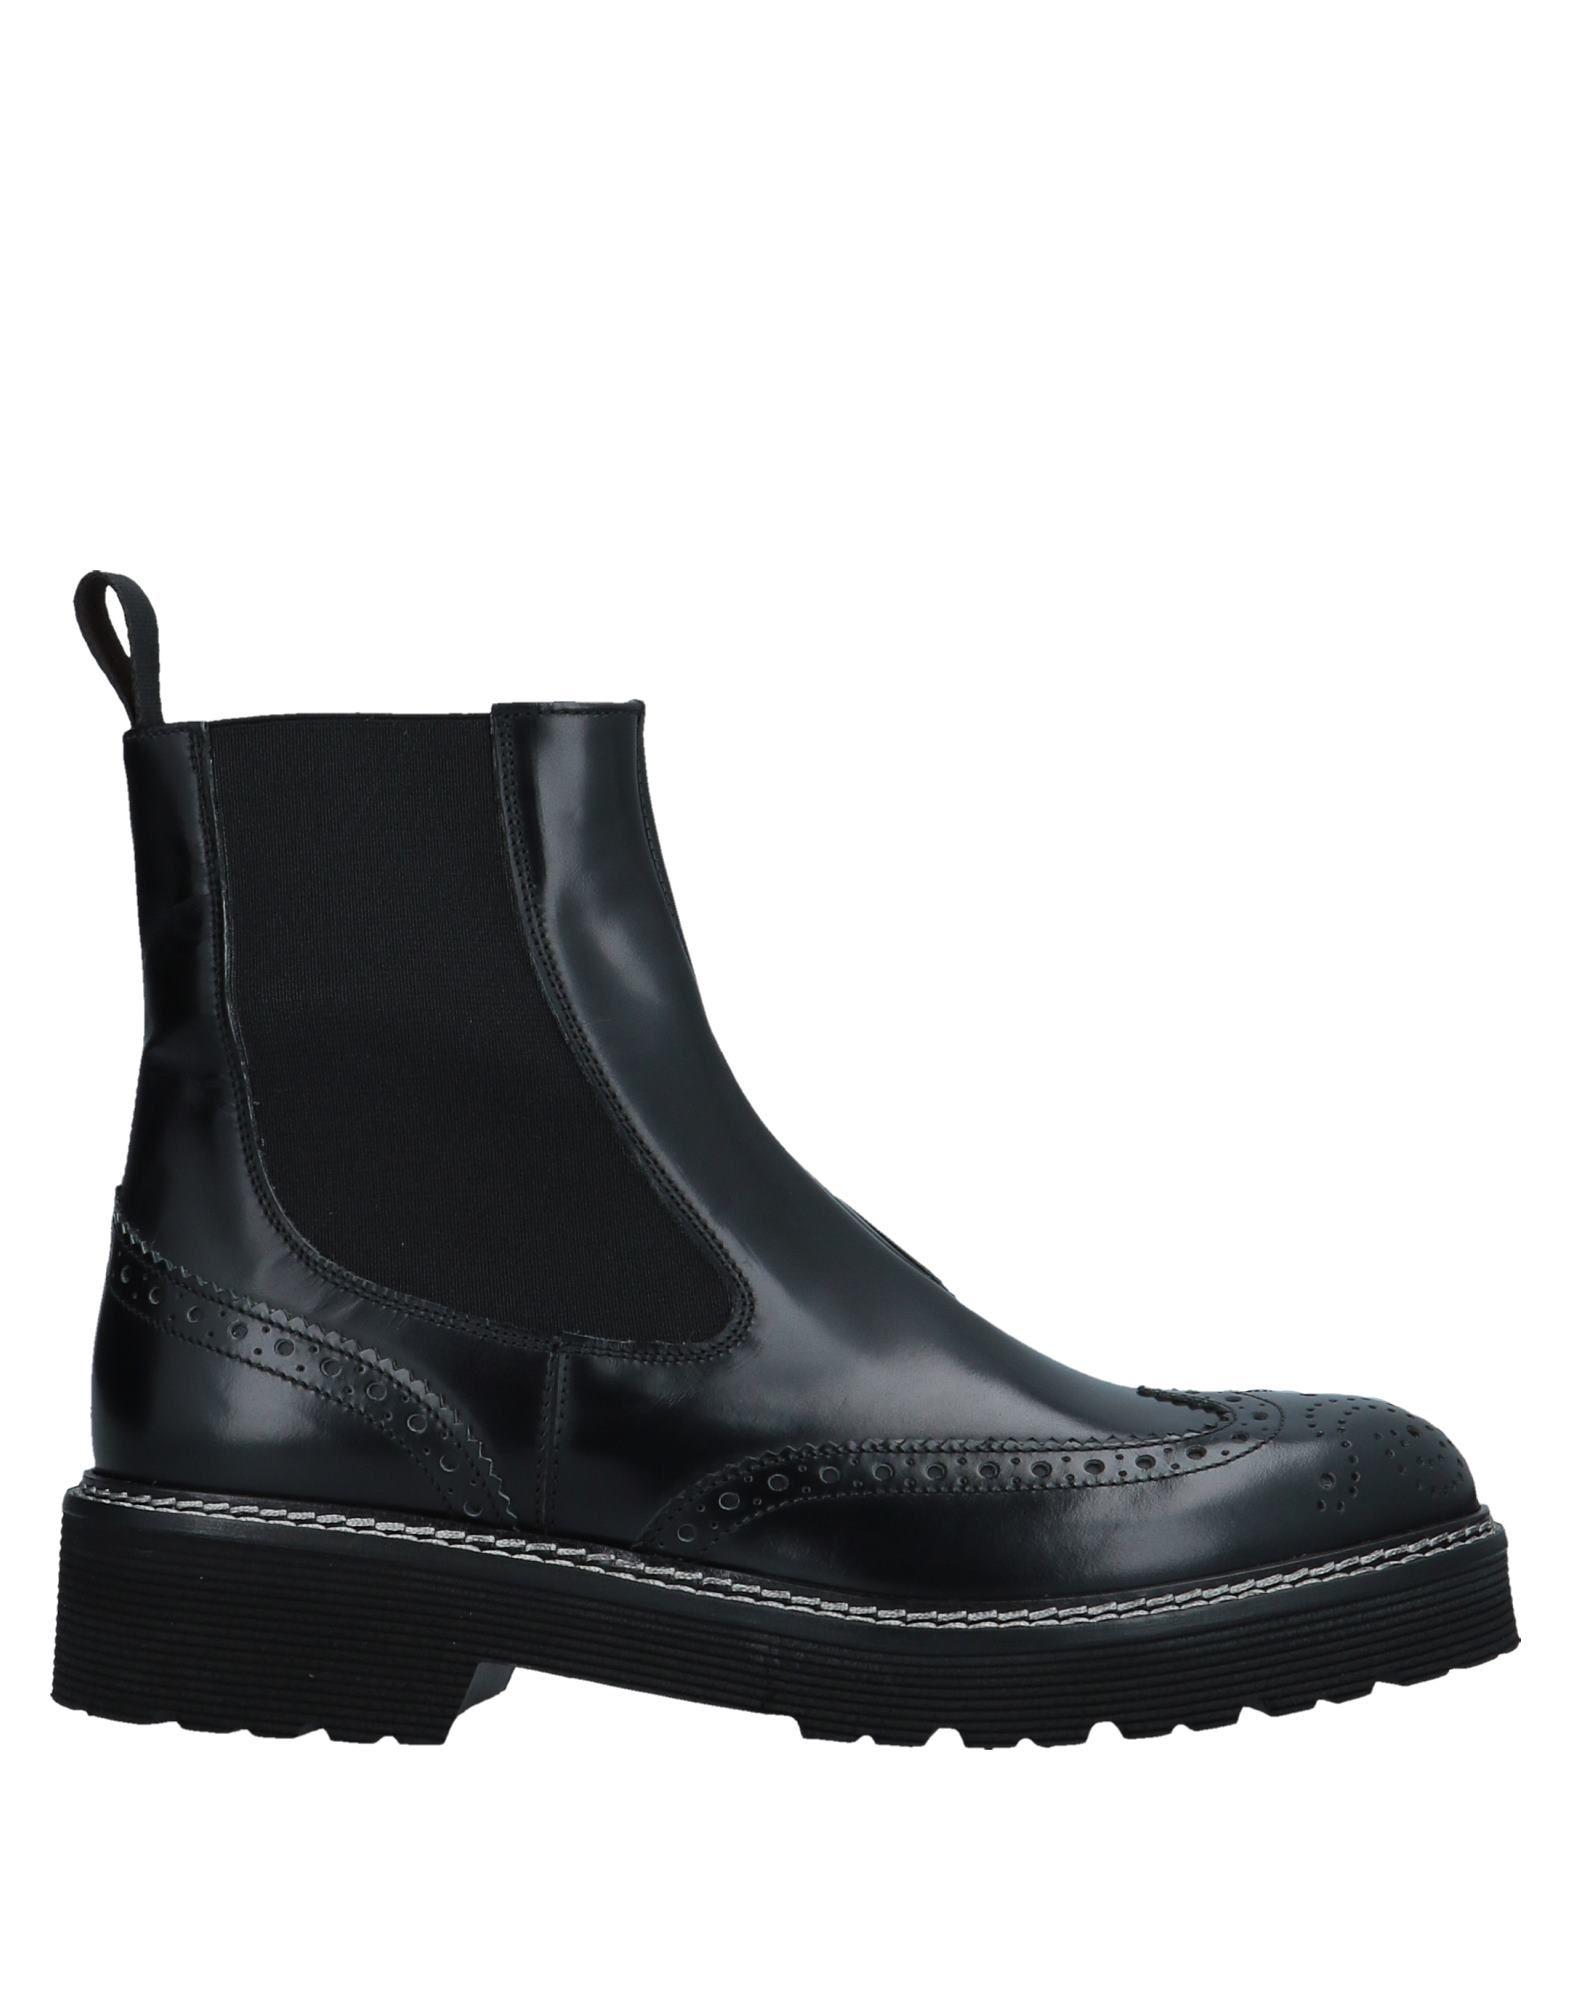 Gut um billige Damen Schuhe zu tragenJerold Wilton Chelsea Boots Damen billige  11557990SW 9c353d